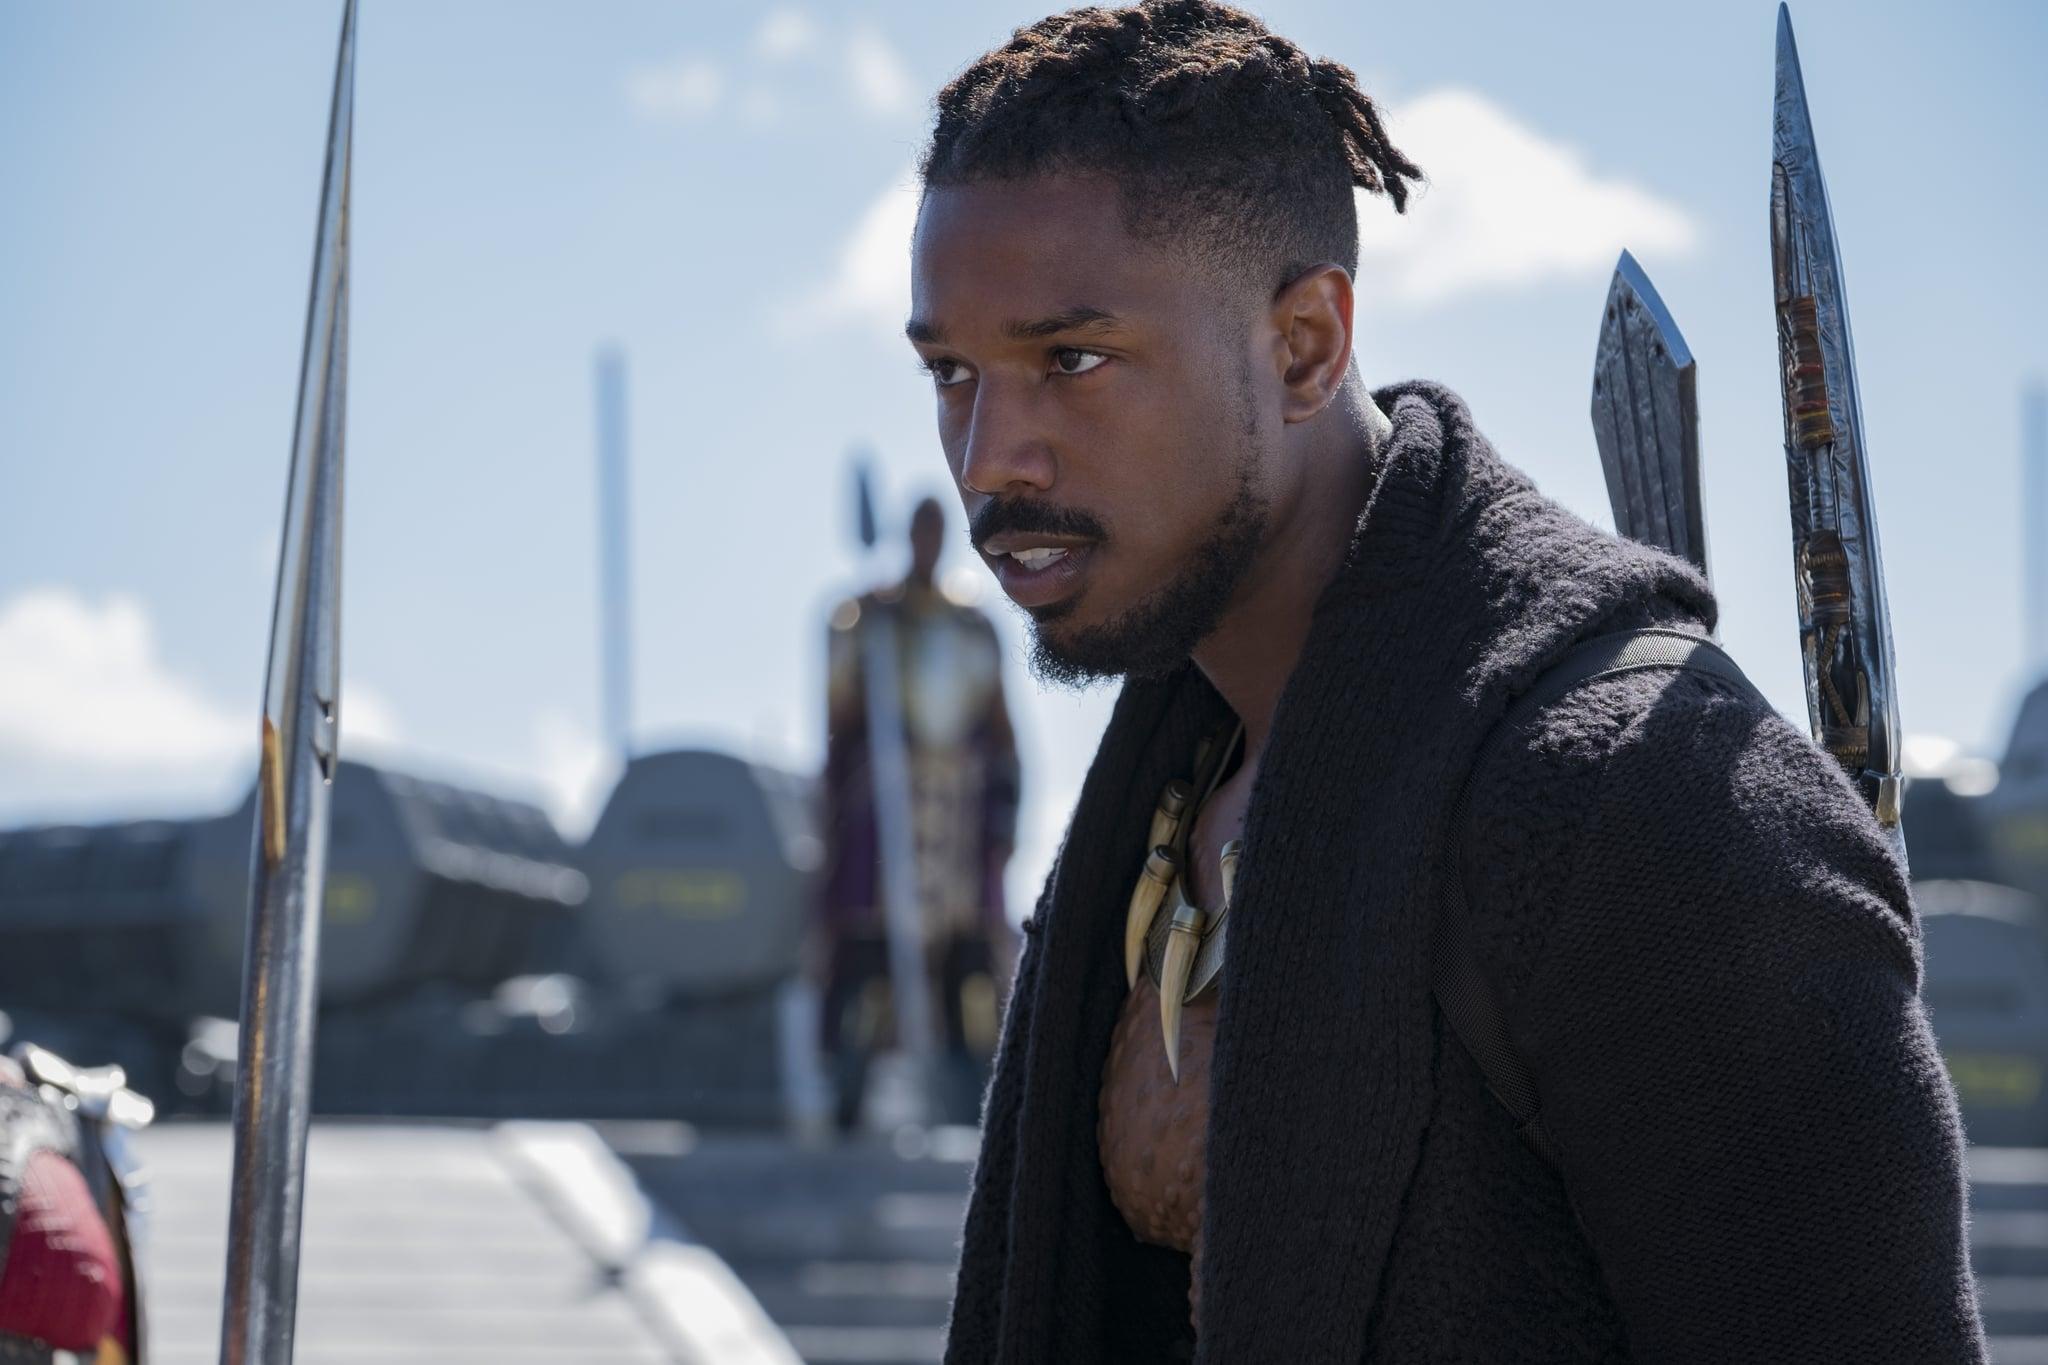 有傳DC有意找《黑豹》奸角Michael B. Jordan做首位黑人超人。(網圖)